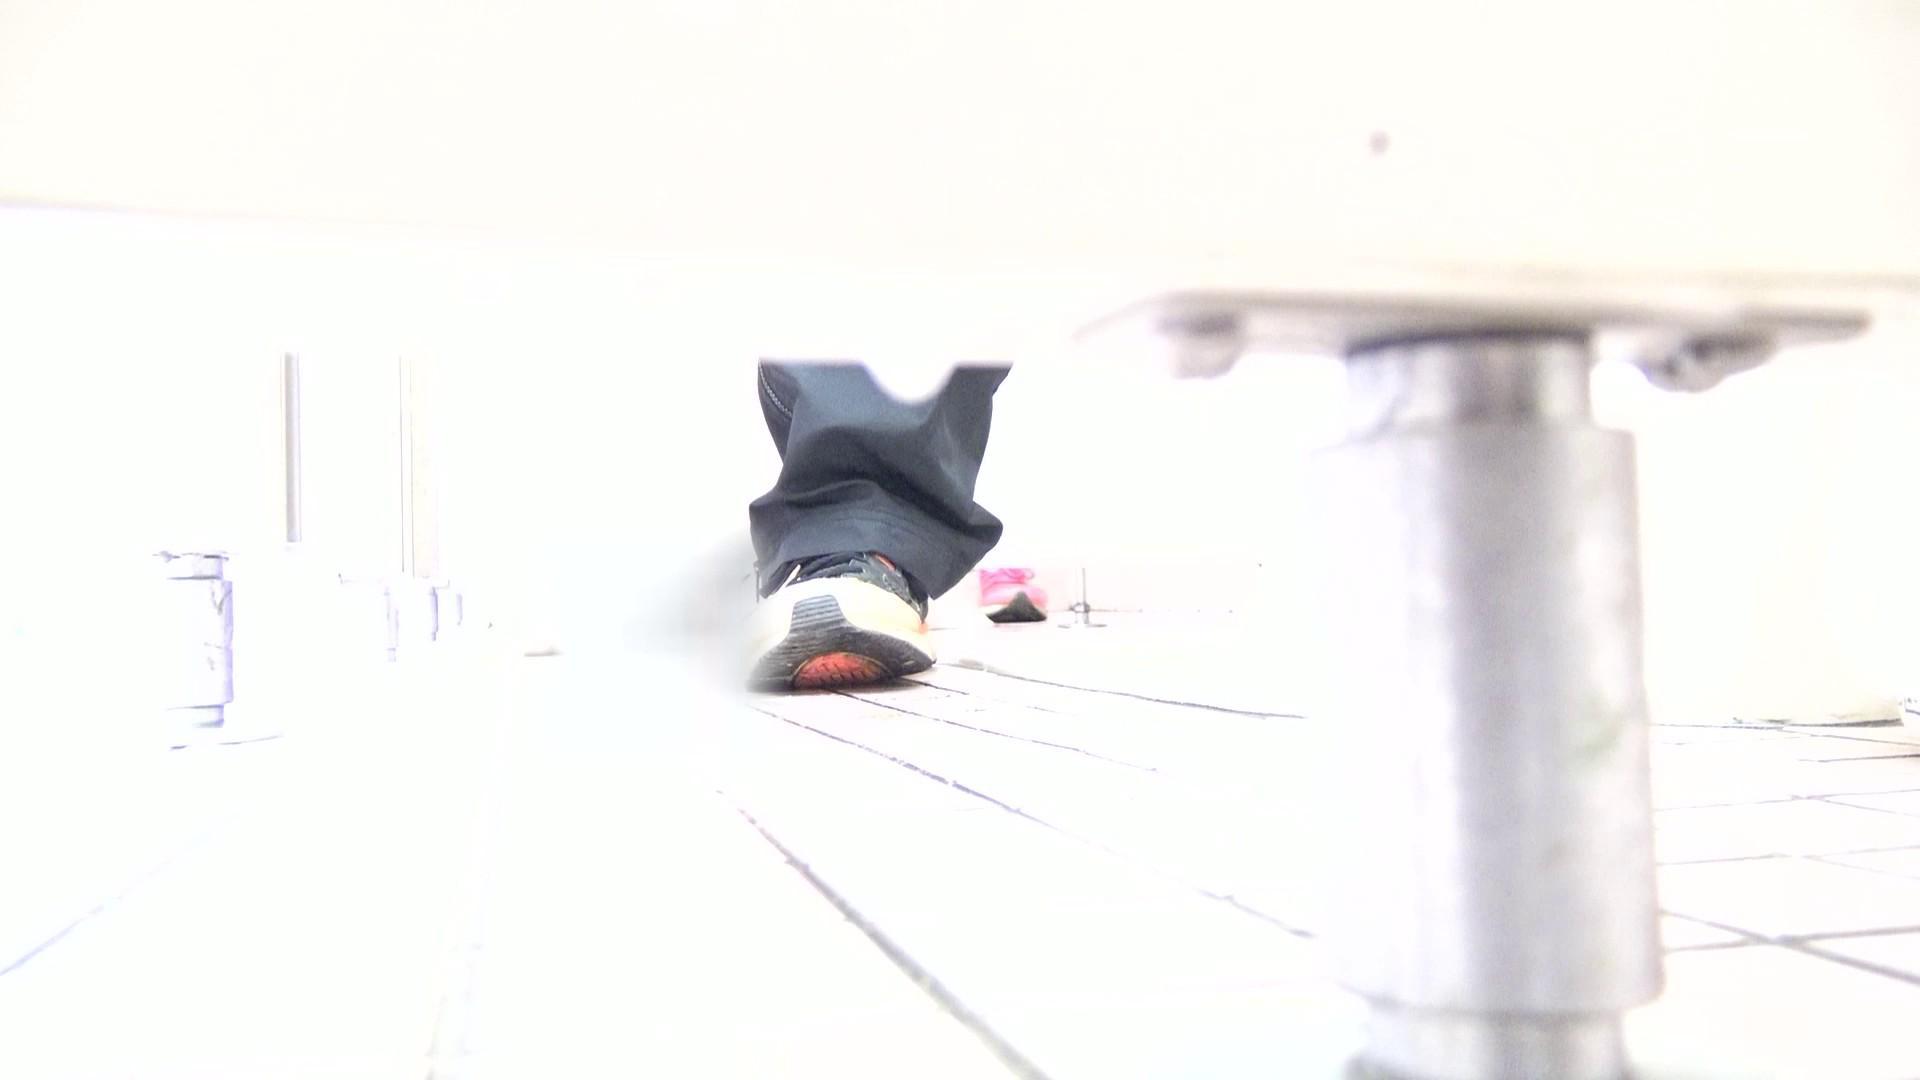 ▲期間限定D▲至高洗面所盗撮 25 至高の下方撮り!!若さ溢れる体育館編2!! 期間限定動画 セックス画像 91枚 78